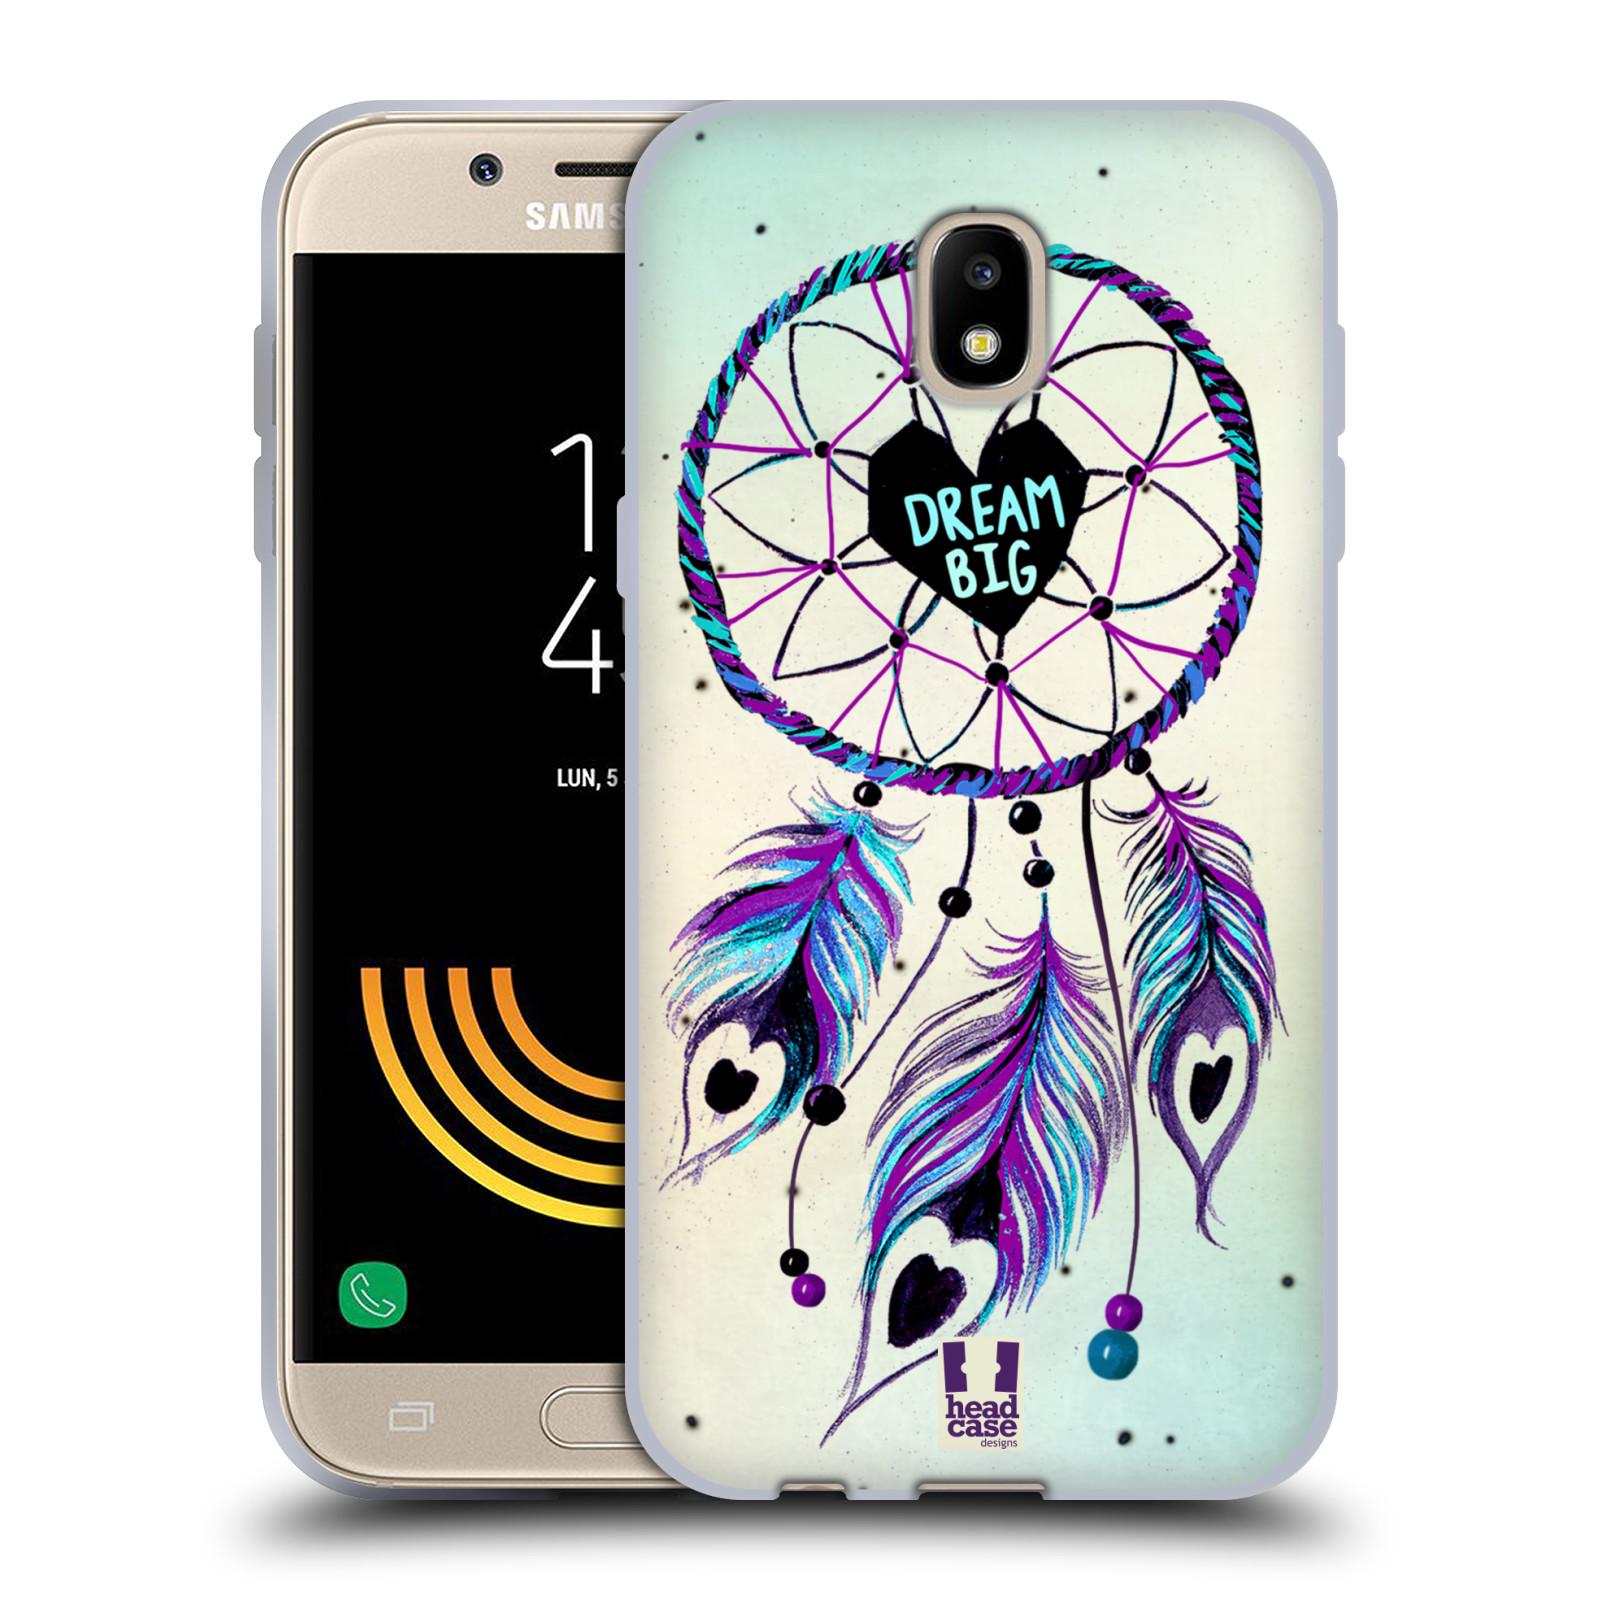 Silikonové pouzdro na mobil Samsung Galaxy J5 (2017) - Head Case - Lapač Assorted Dream Big Srdce